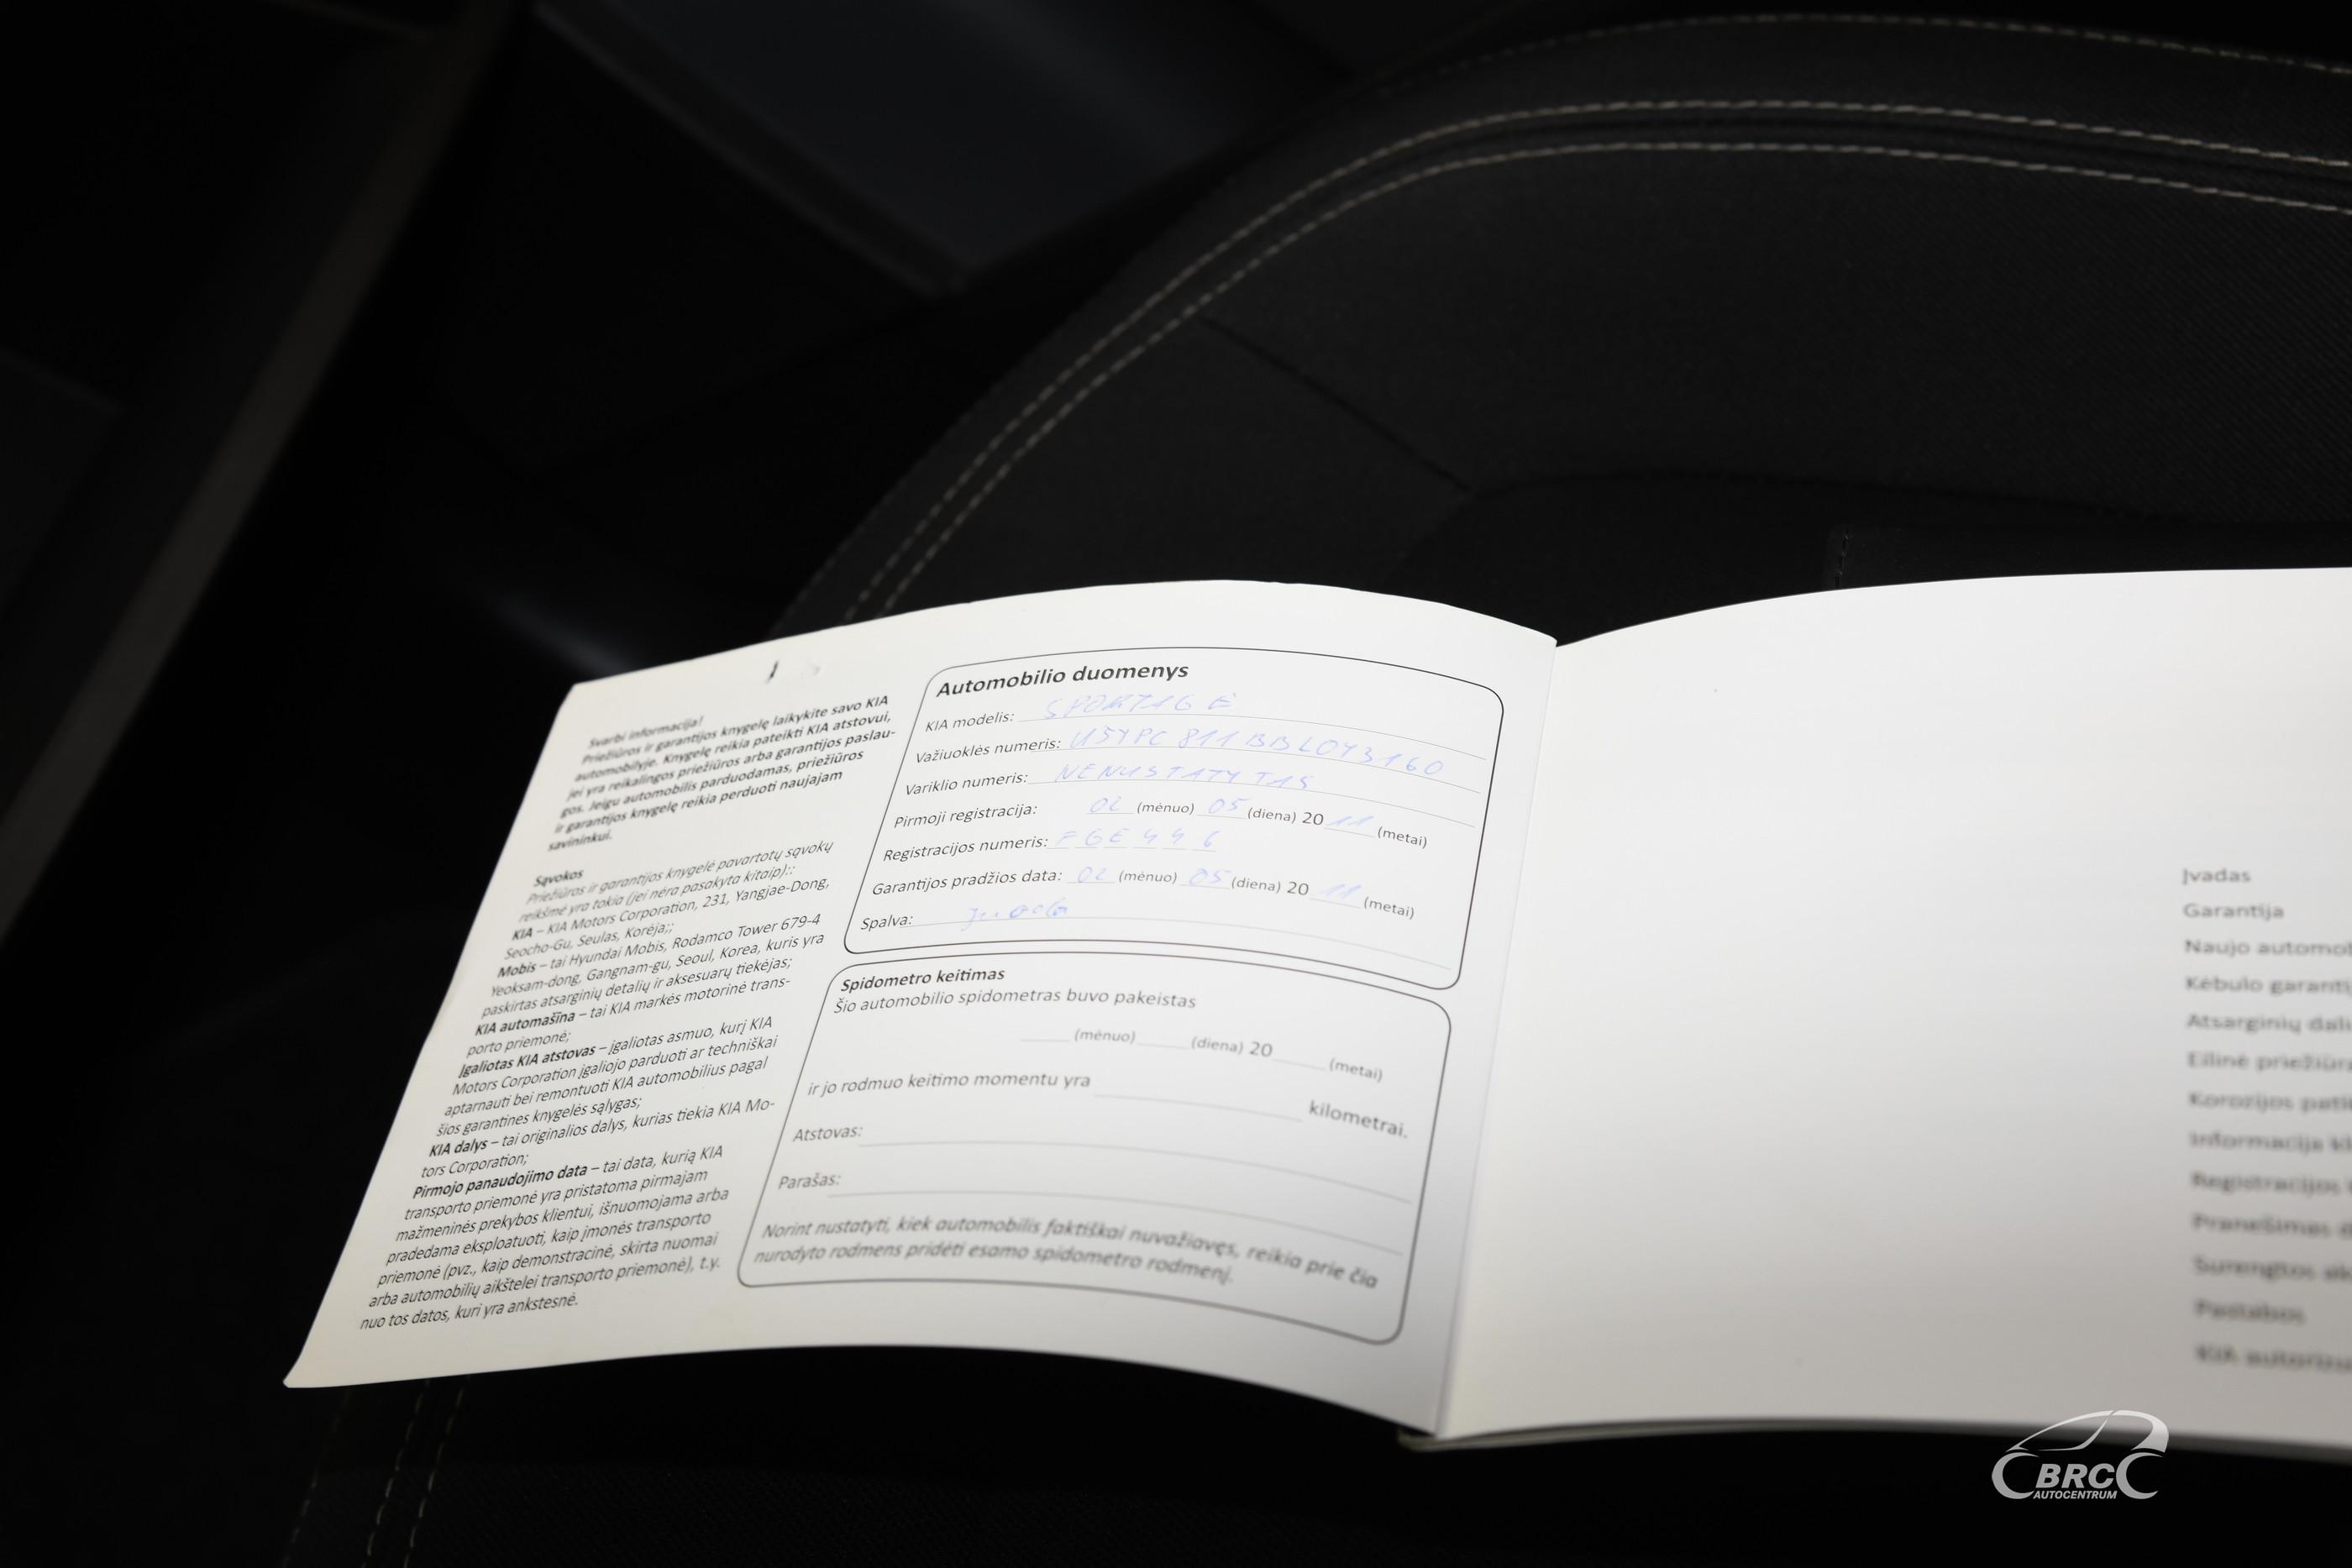 Kia Sportage 2.0 2WD Automatas